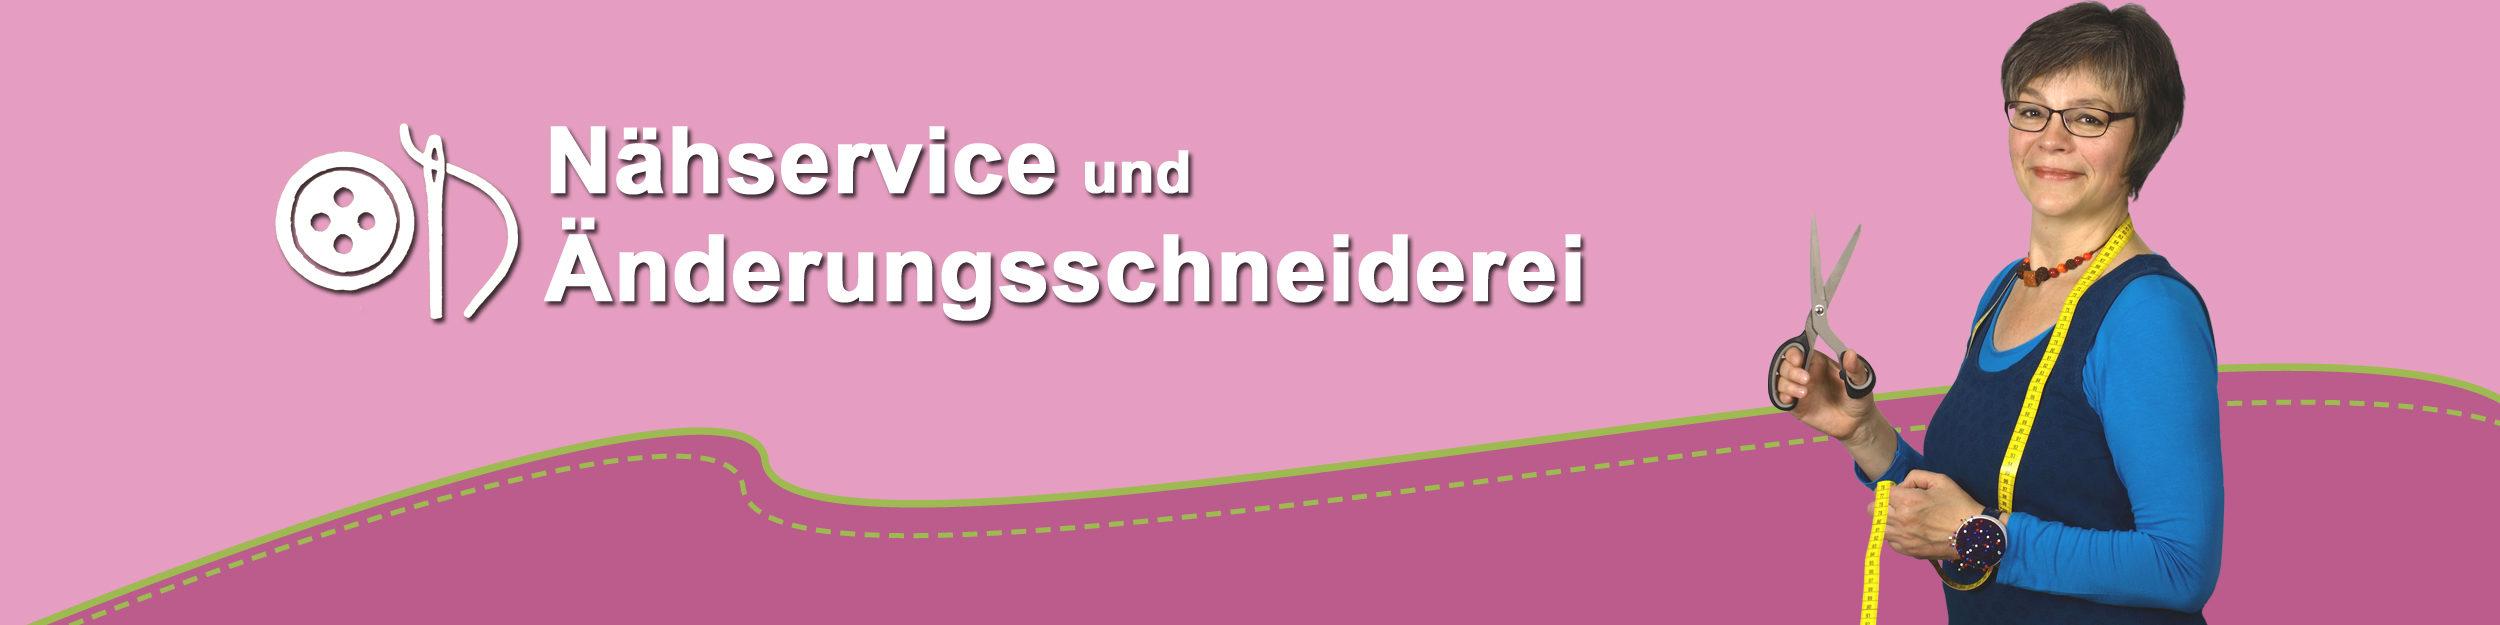 Nähservice und Änderungsschneiderei Ulm